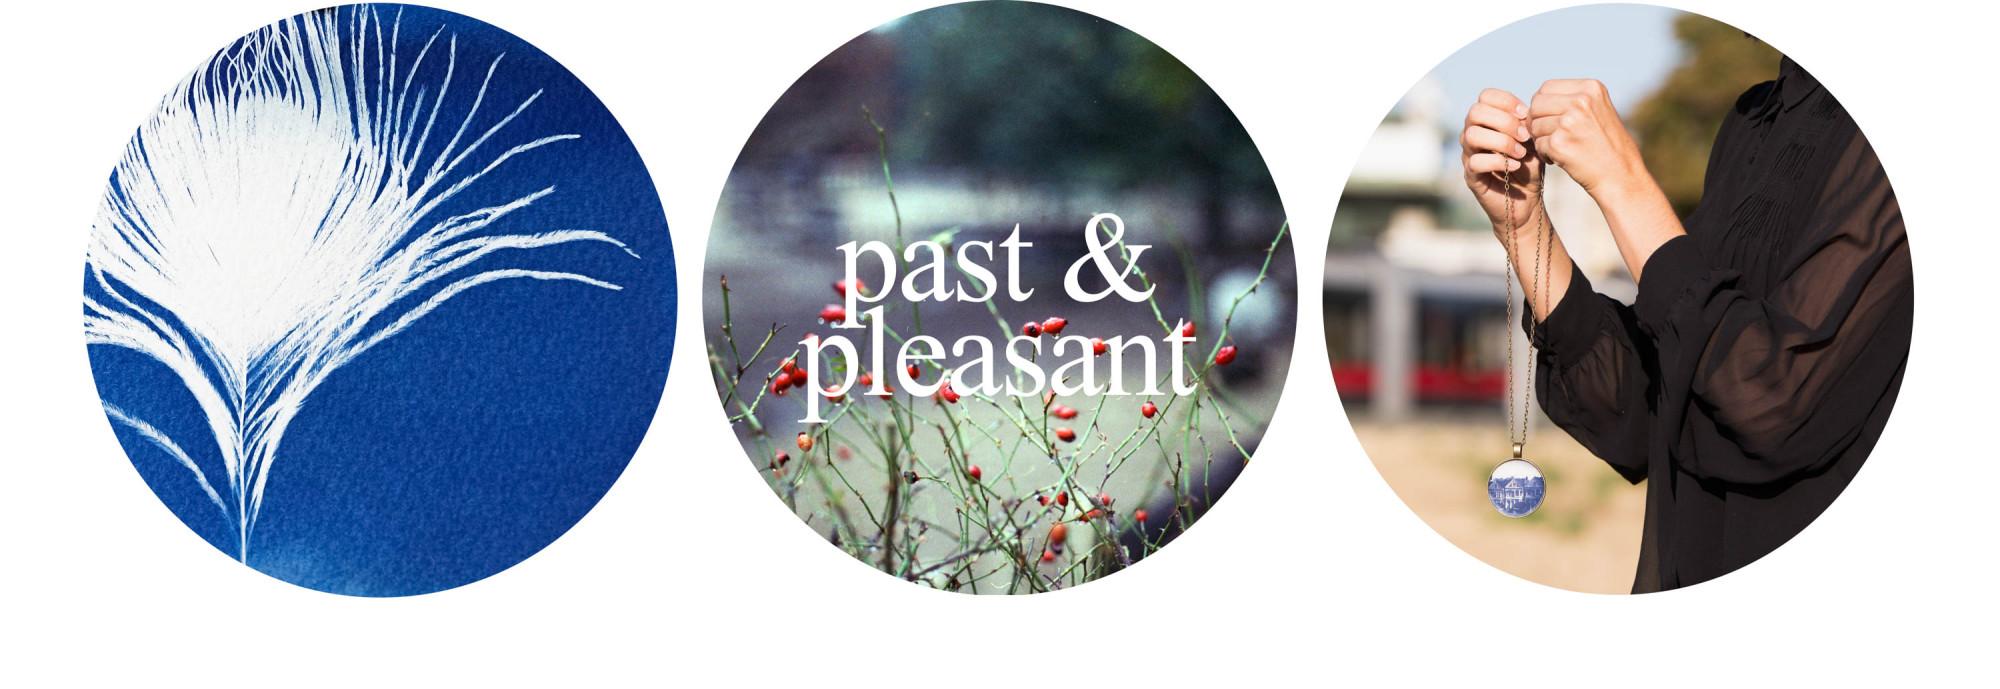 past&pleasant